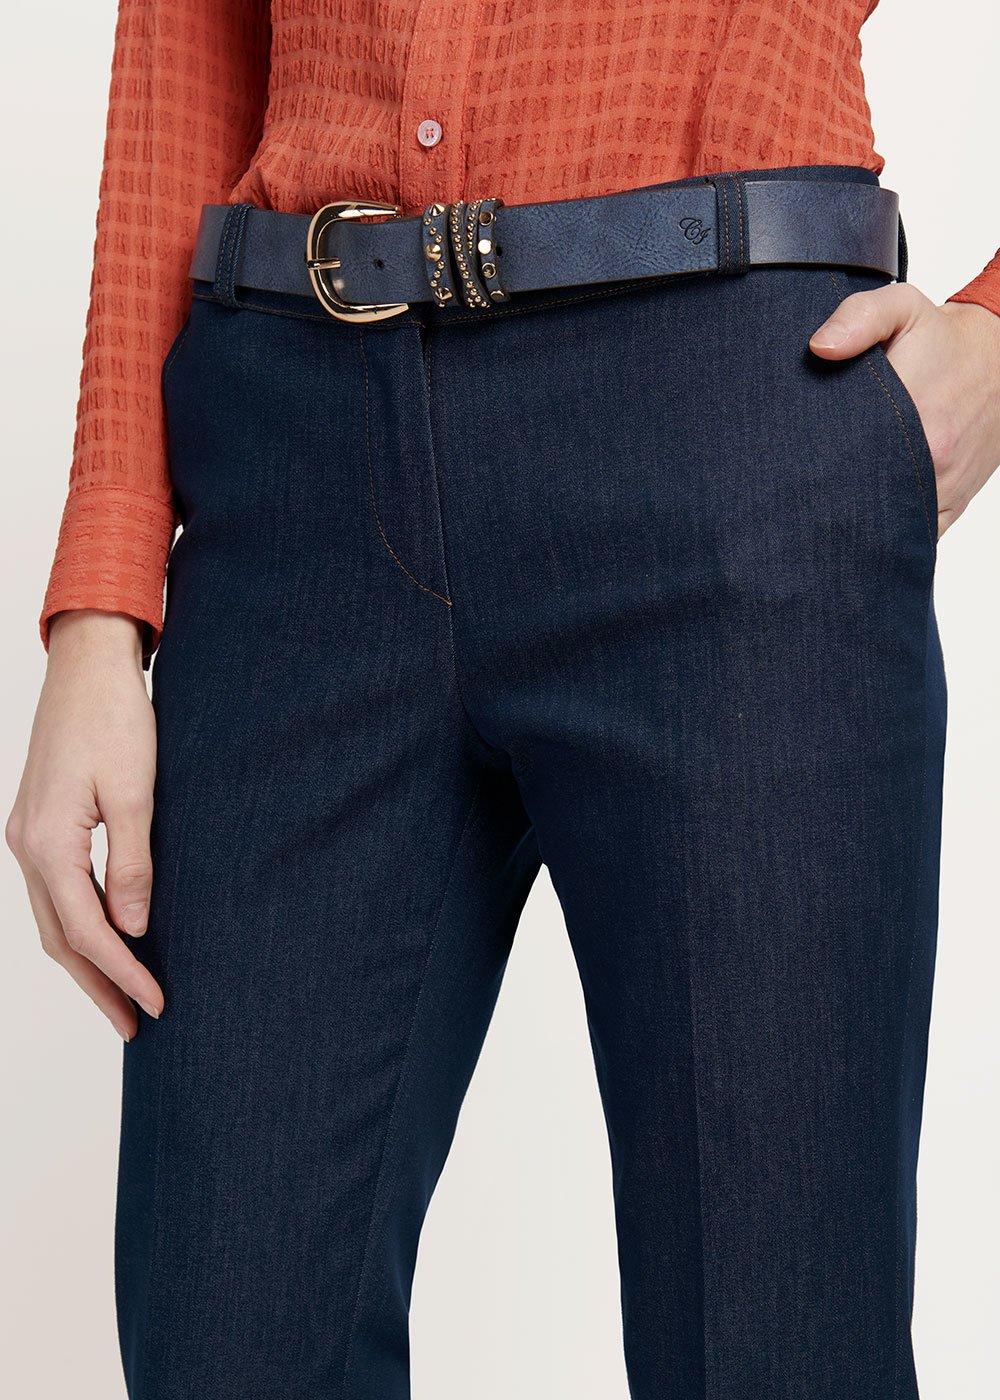 Cintura Chili con dettaglio borchie - Medium Blue - Donna